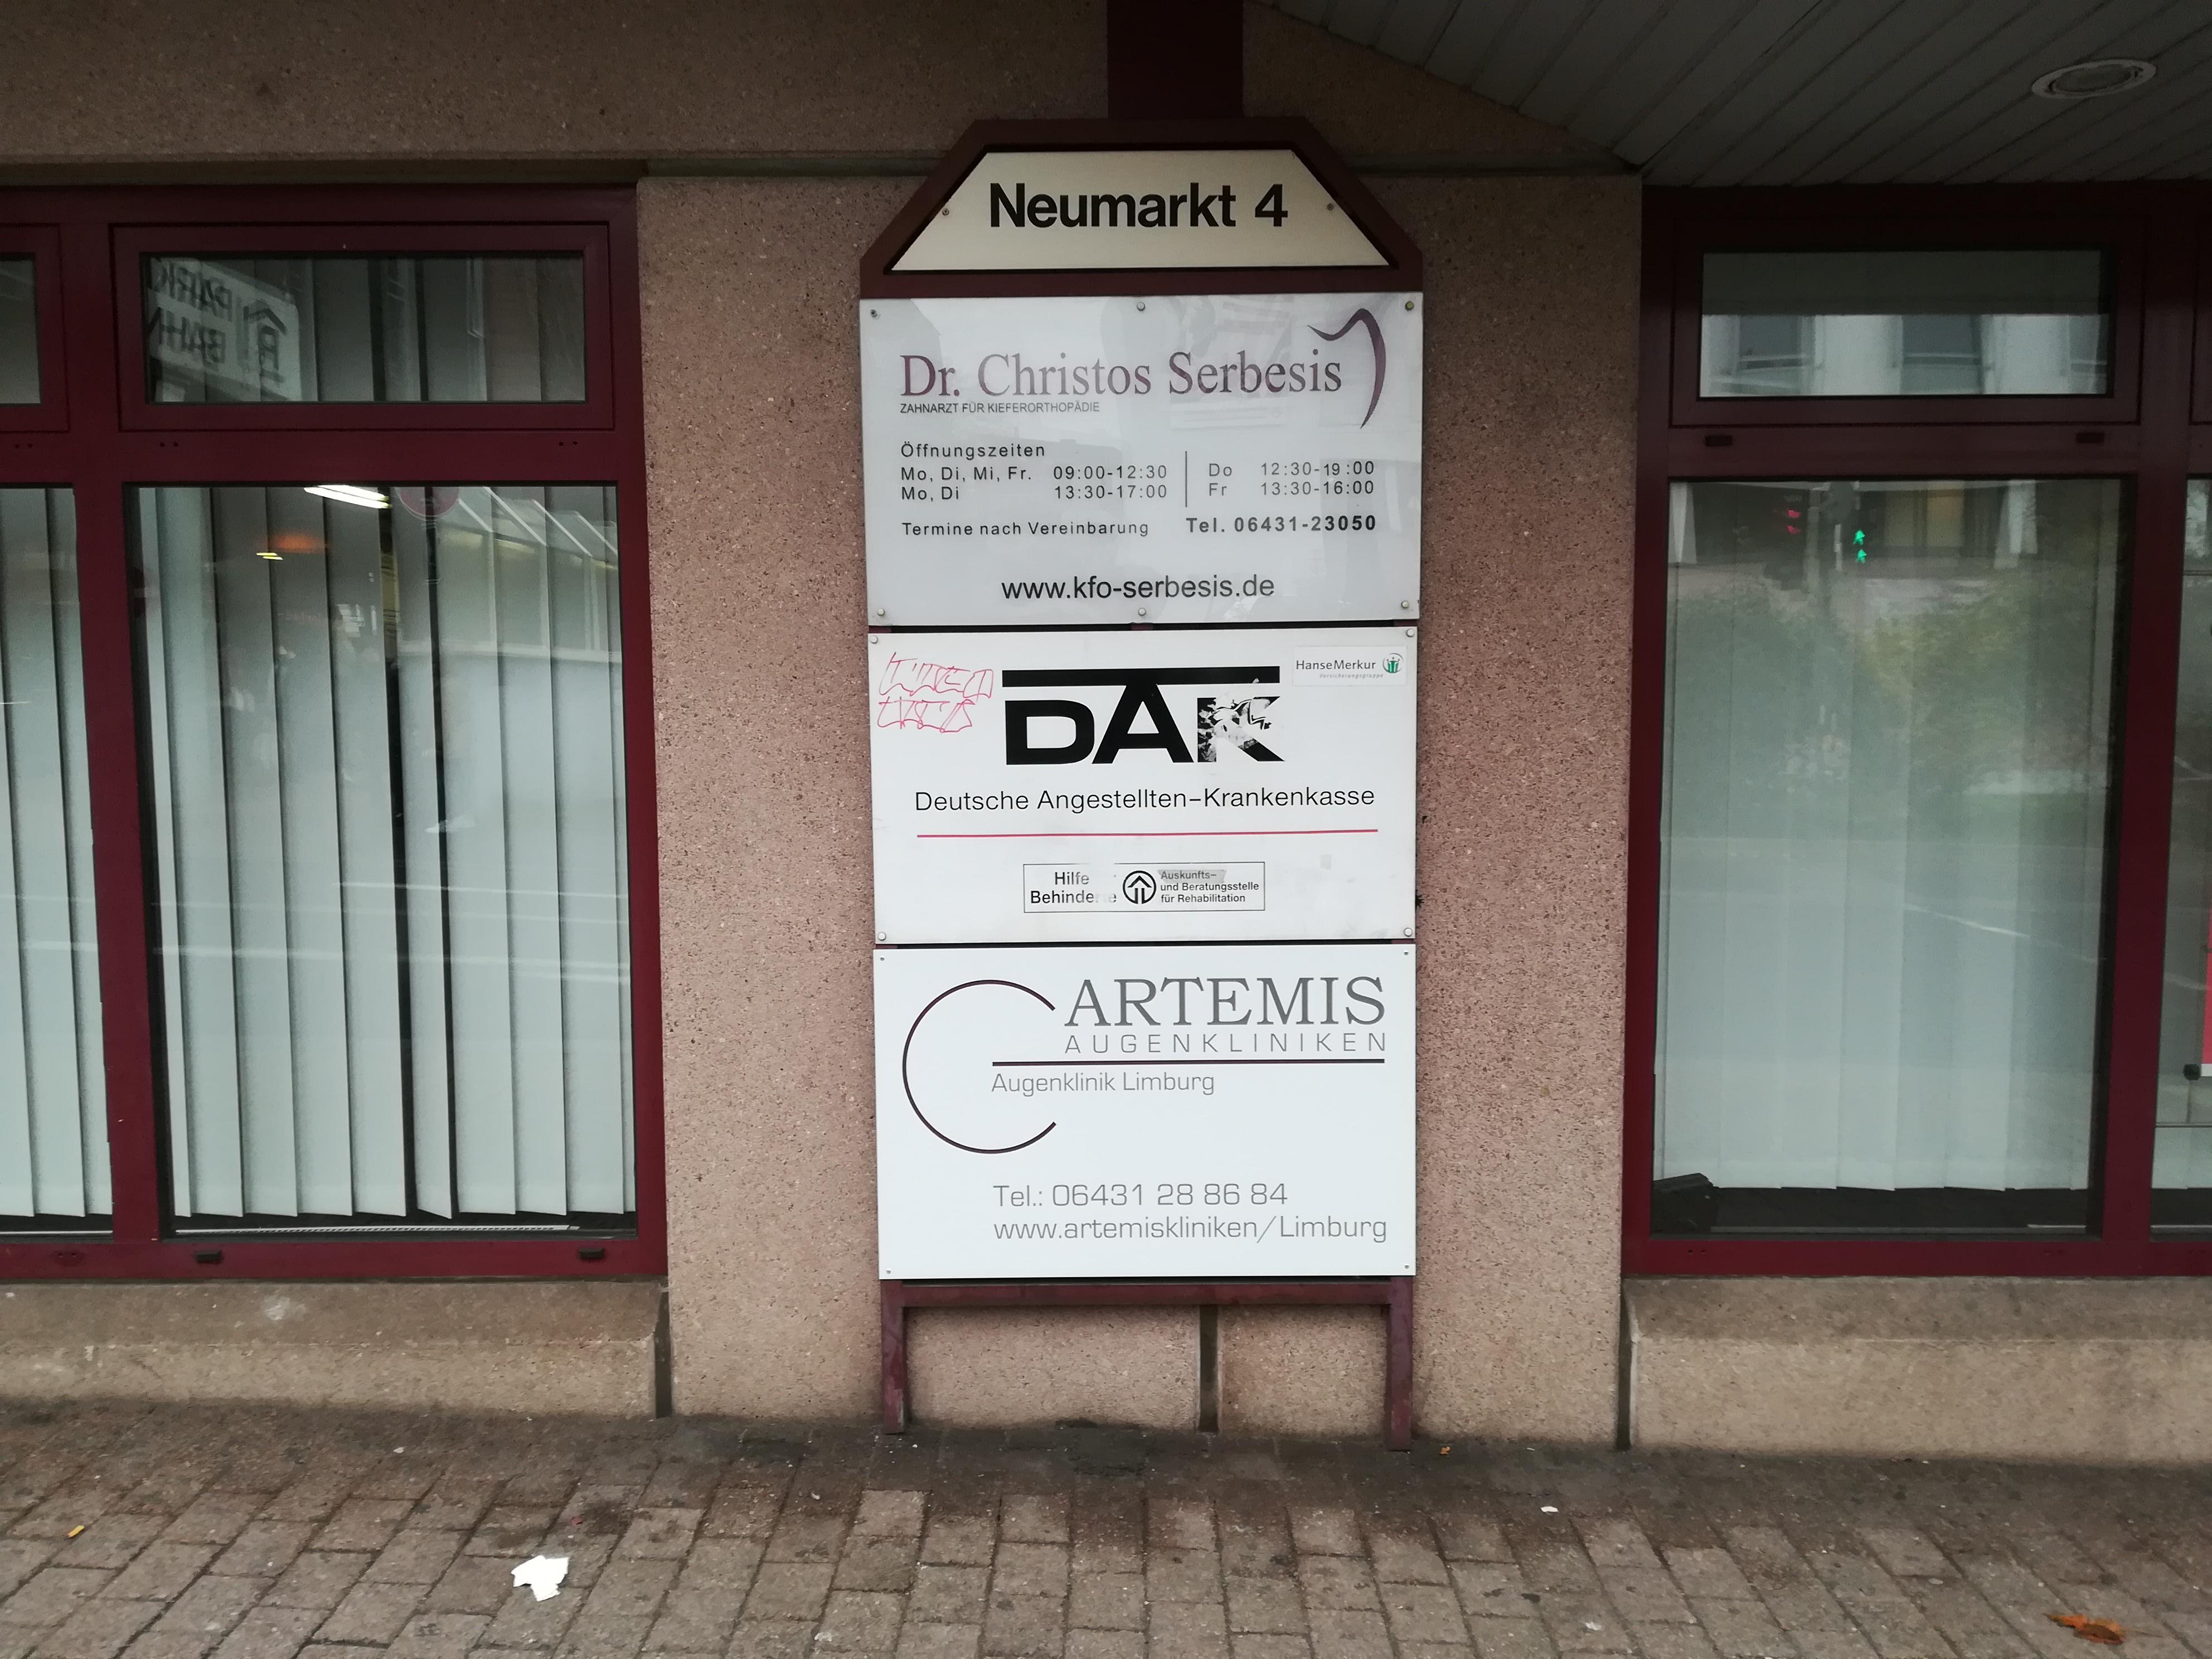 ARTEMIS Augenkliniken Limburg Neumarkt Straße 1 Nachher